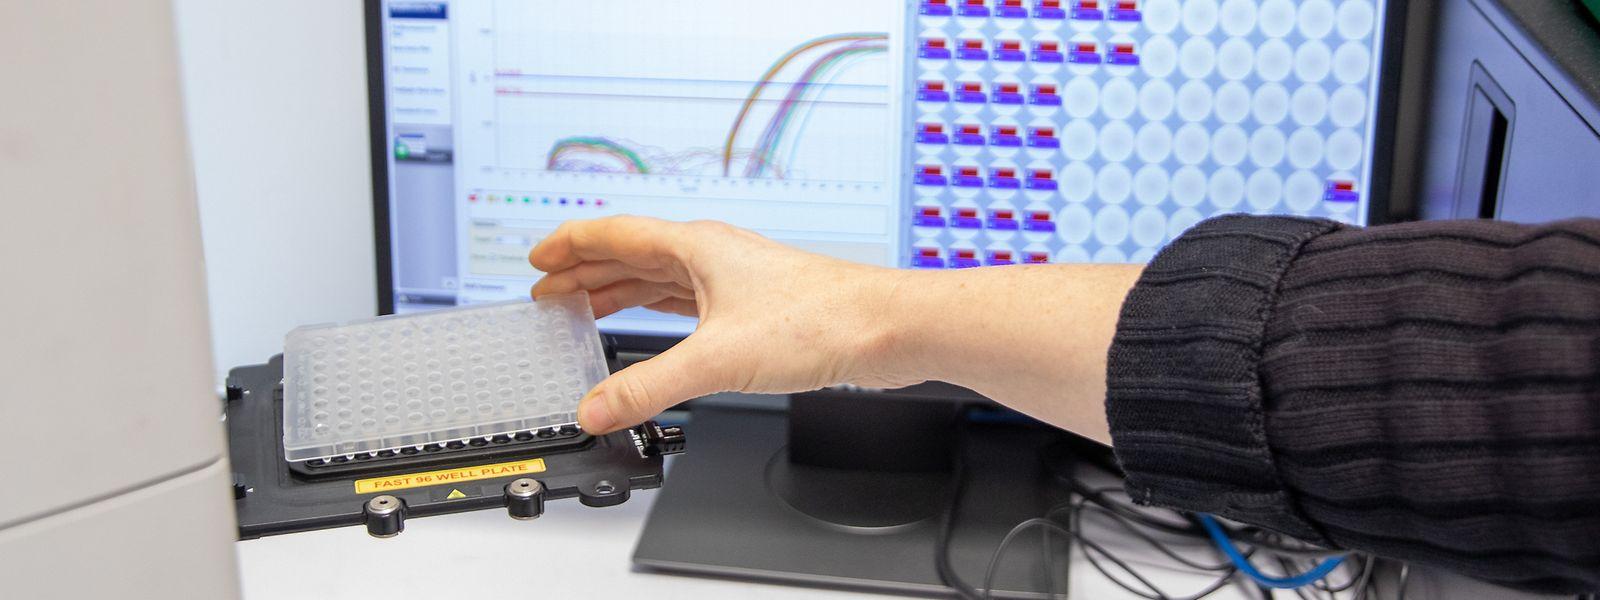 L'indicateur donné par le Luxembourg Institute of Health fait partie des données essentielles avant toute prise de décision gouvernementale. Mauvais signe...